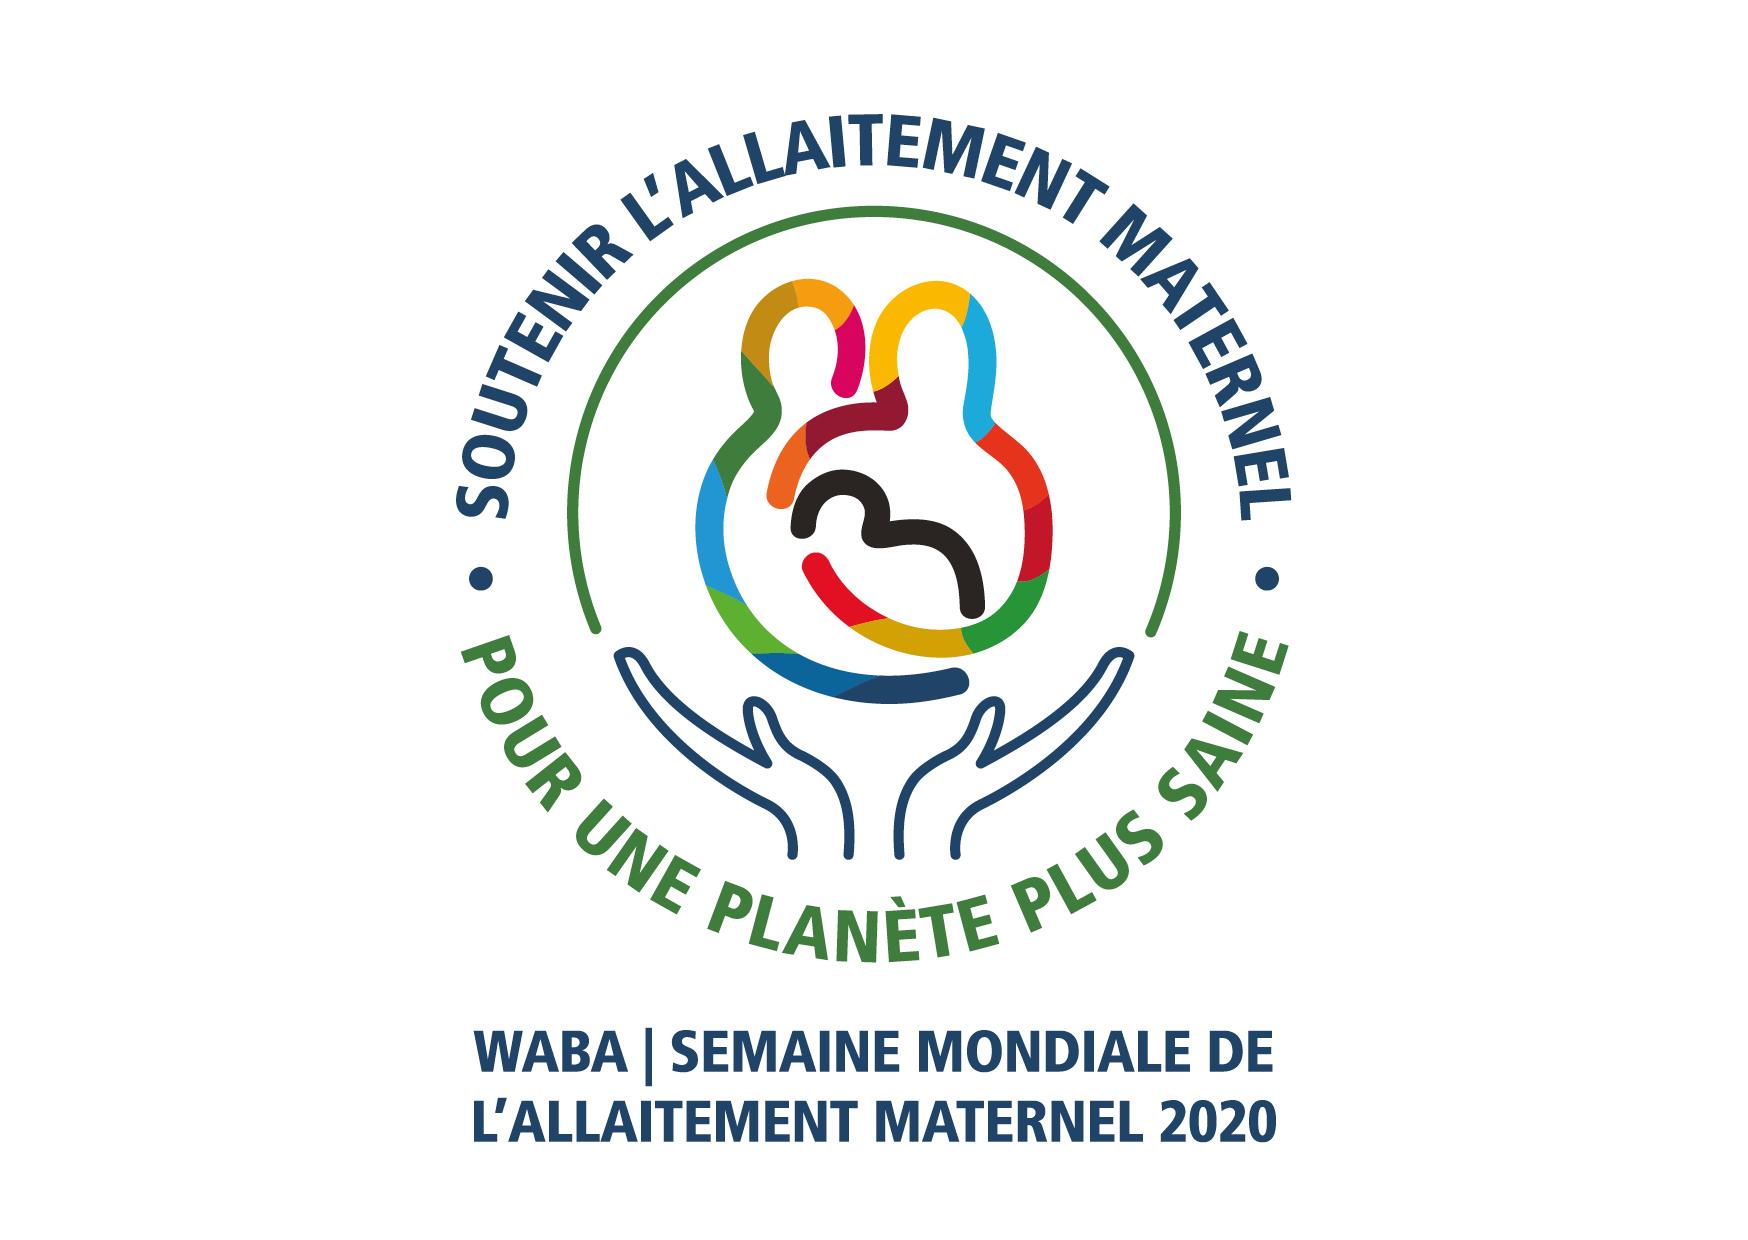 #WBW2020 logo